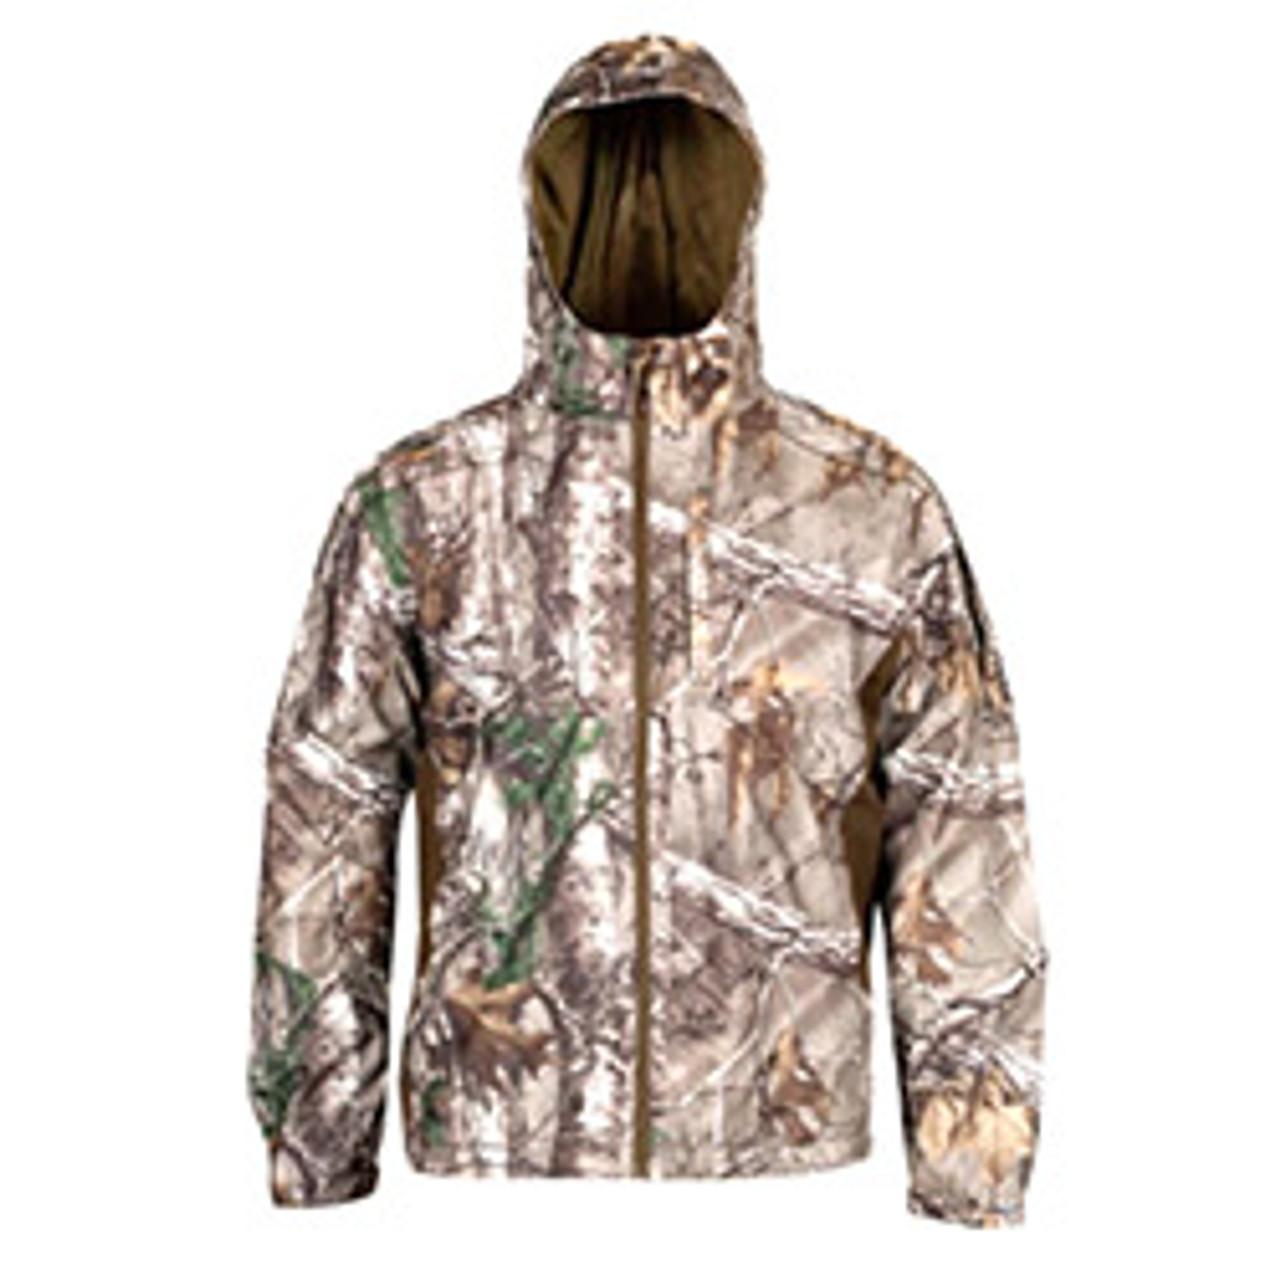 Buck Hollow Waterproof Jacket by Habit Apparel